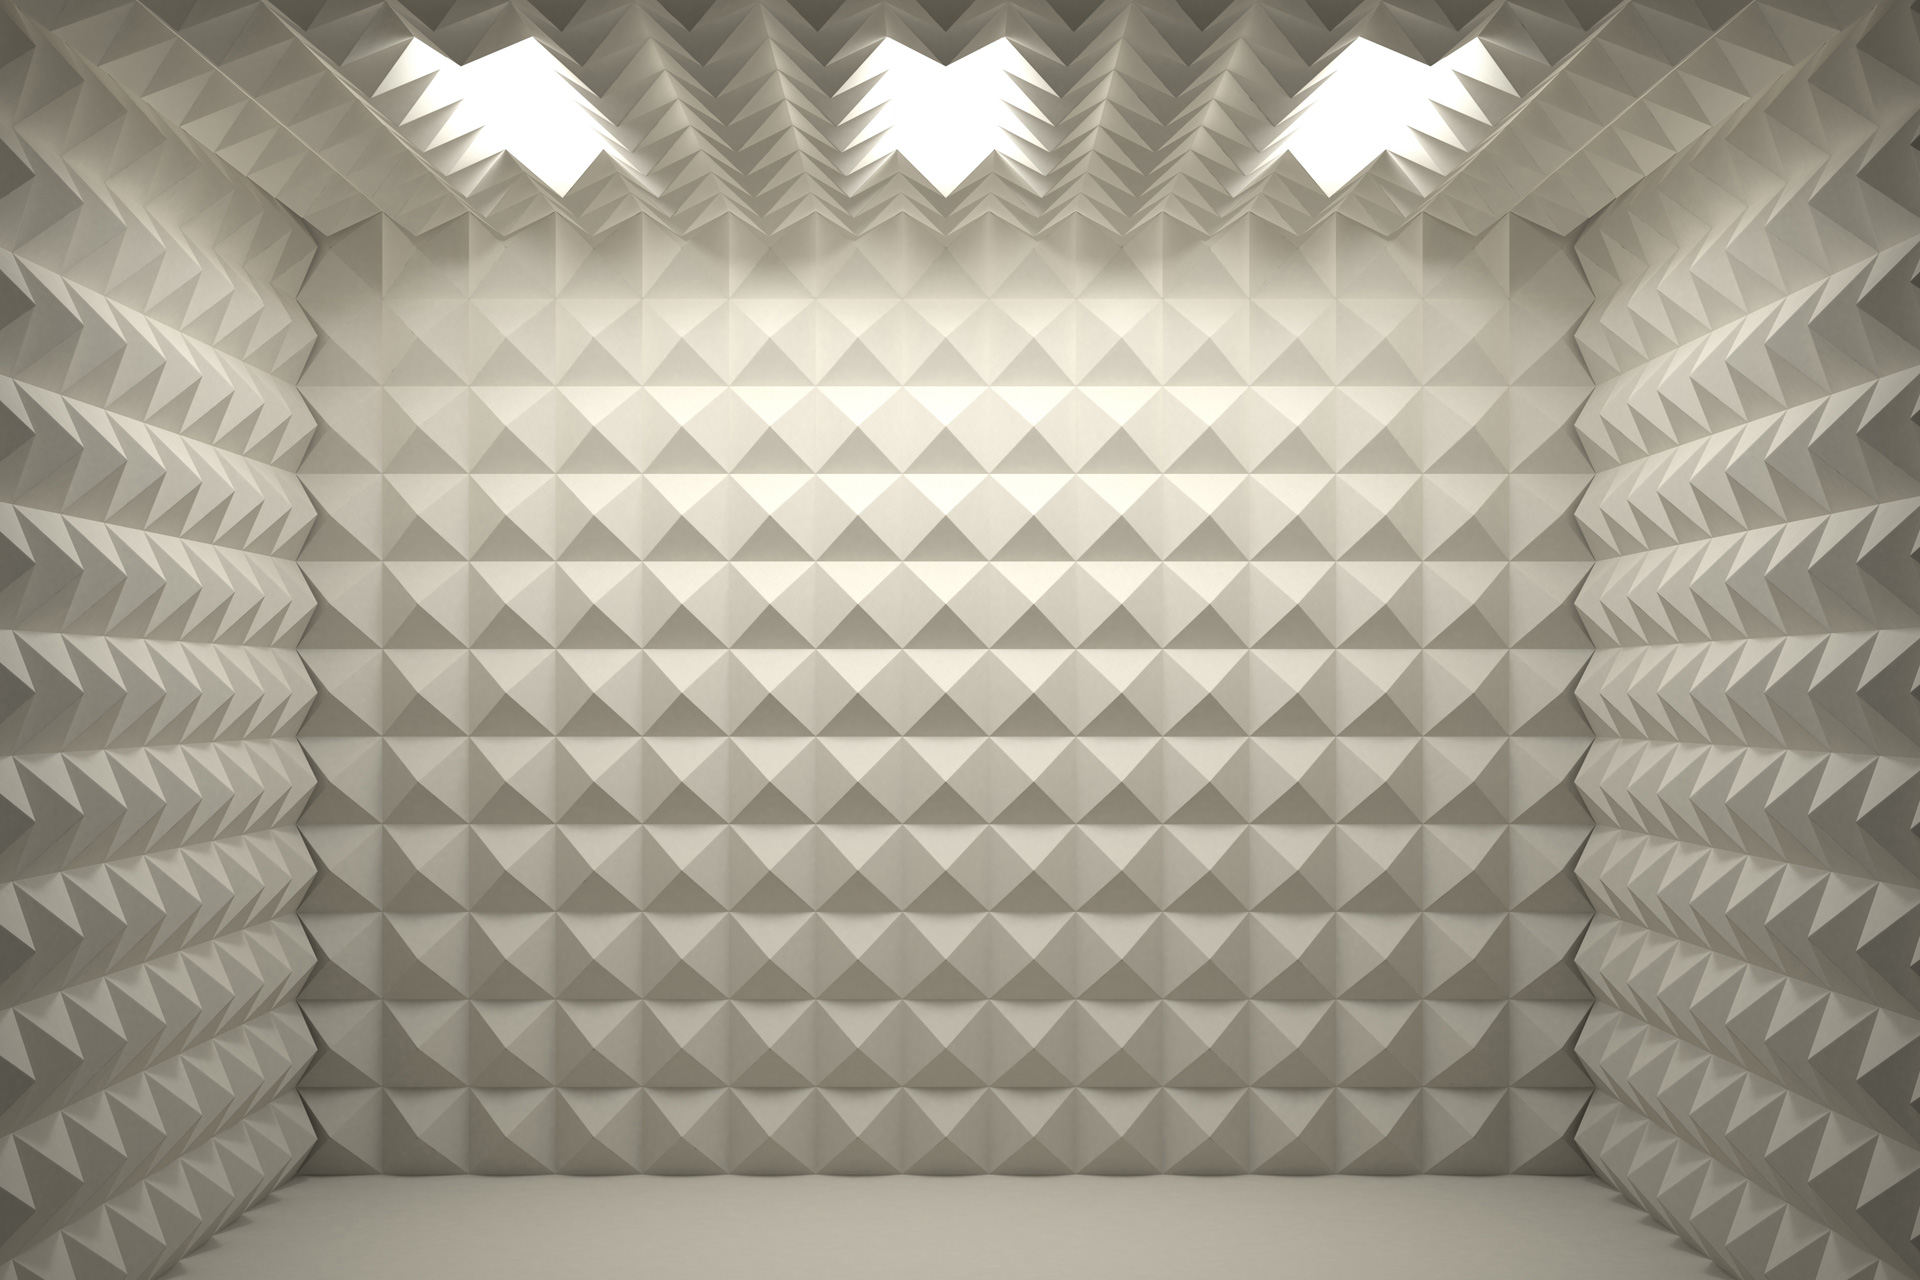 Звукоизоляционная комната как сделать